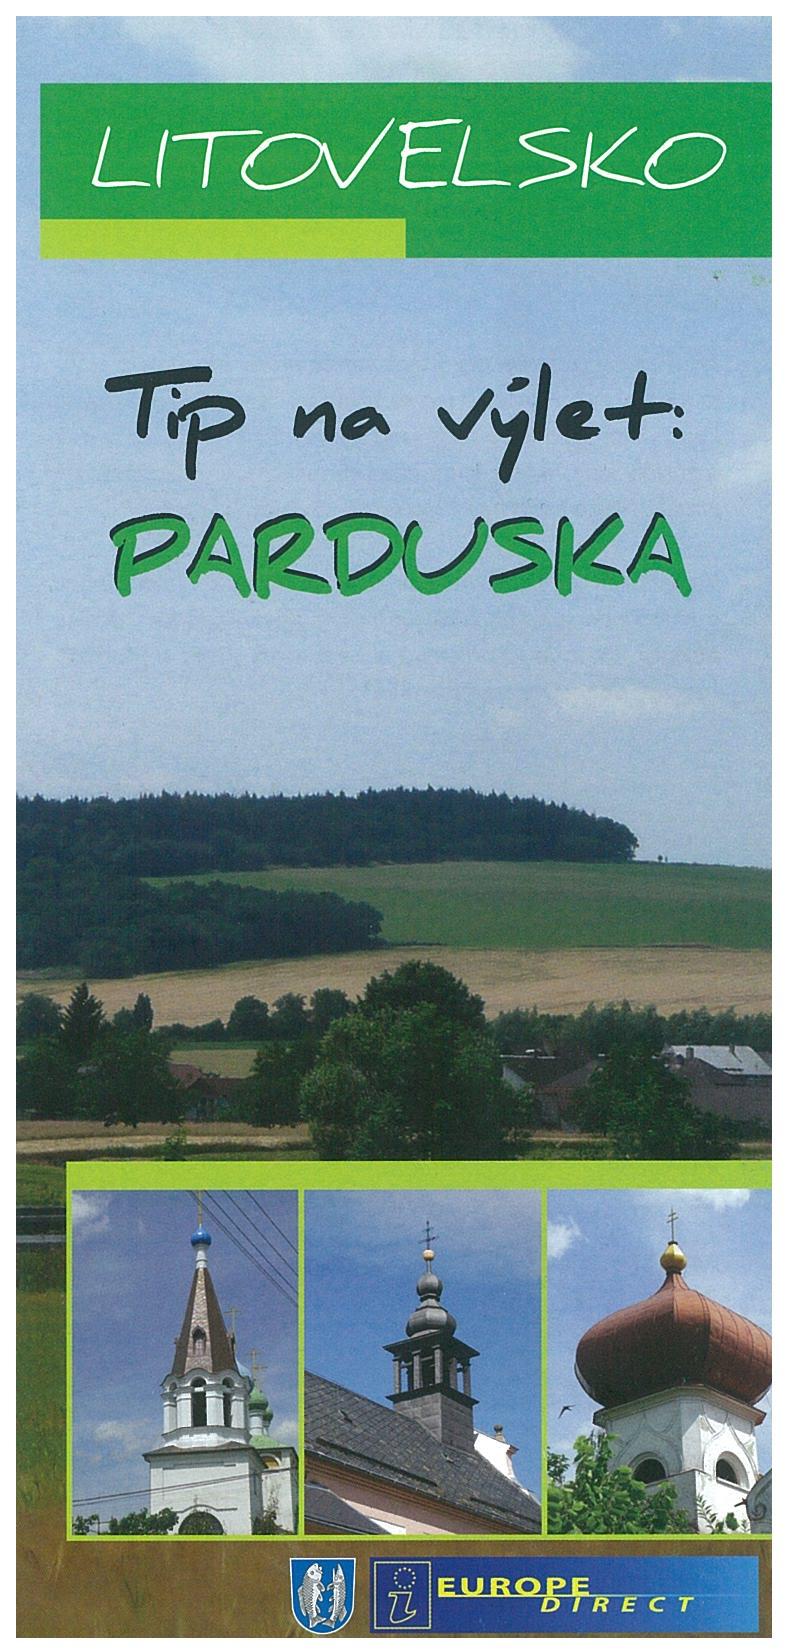 Tip na výlet   Parduska, obrázek se otevře v novém okně